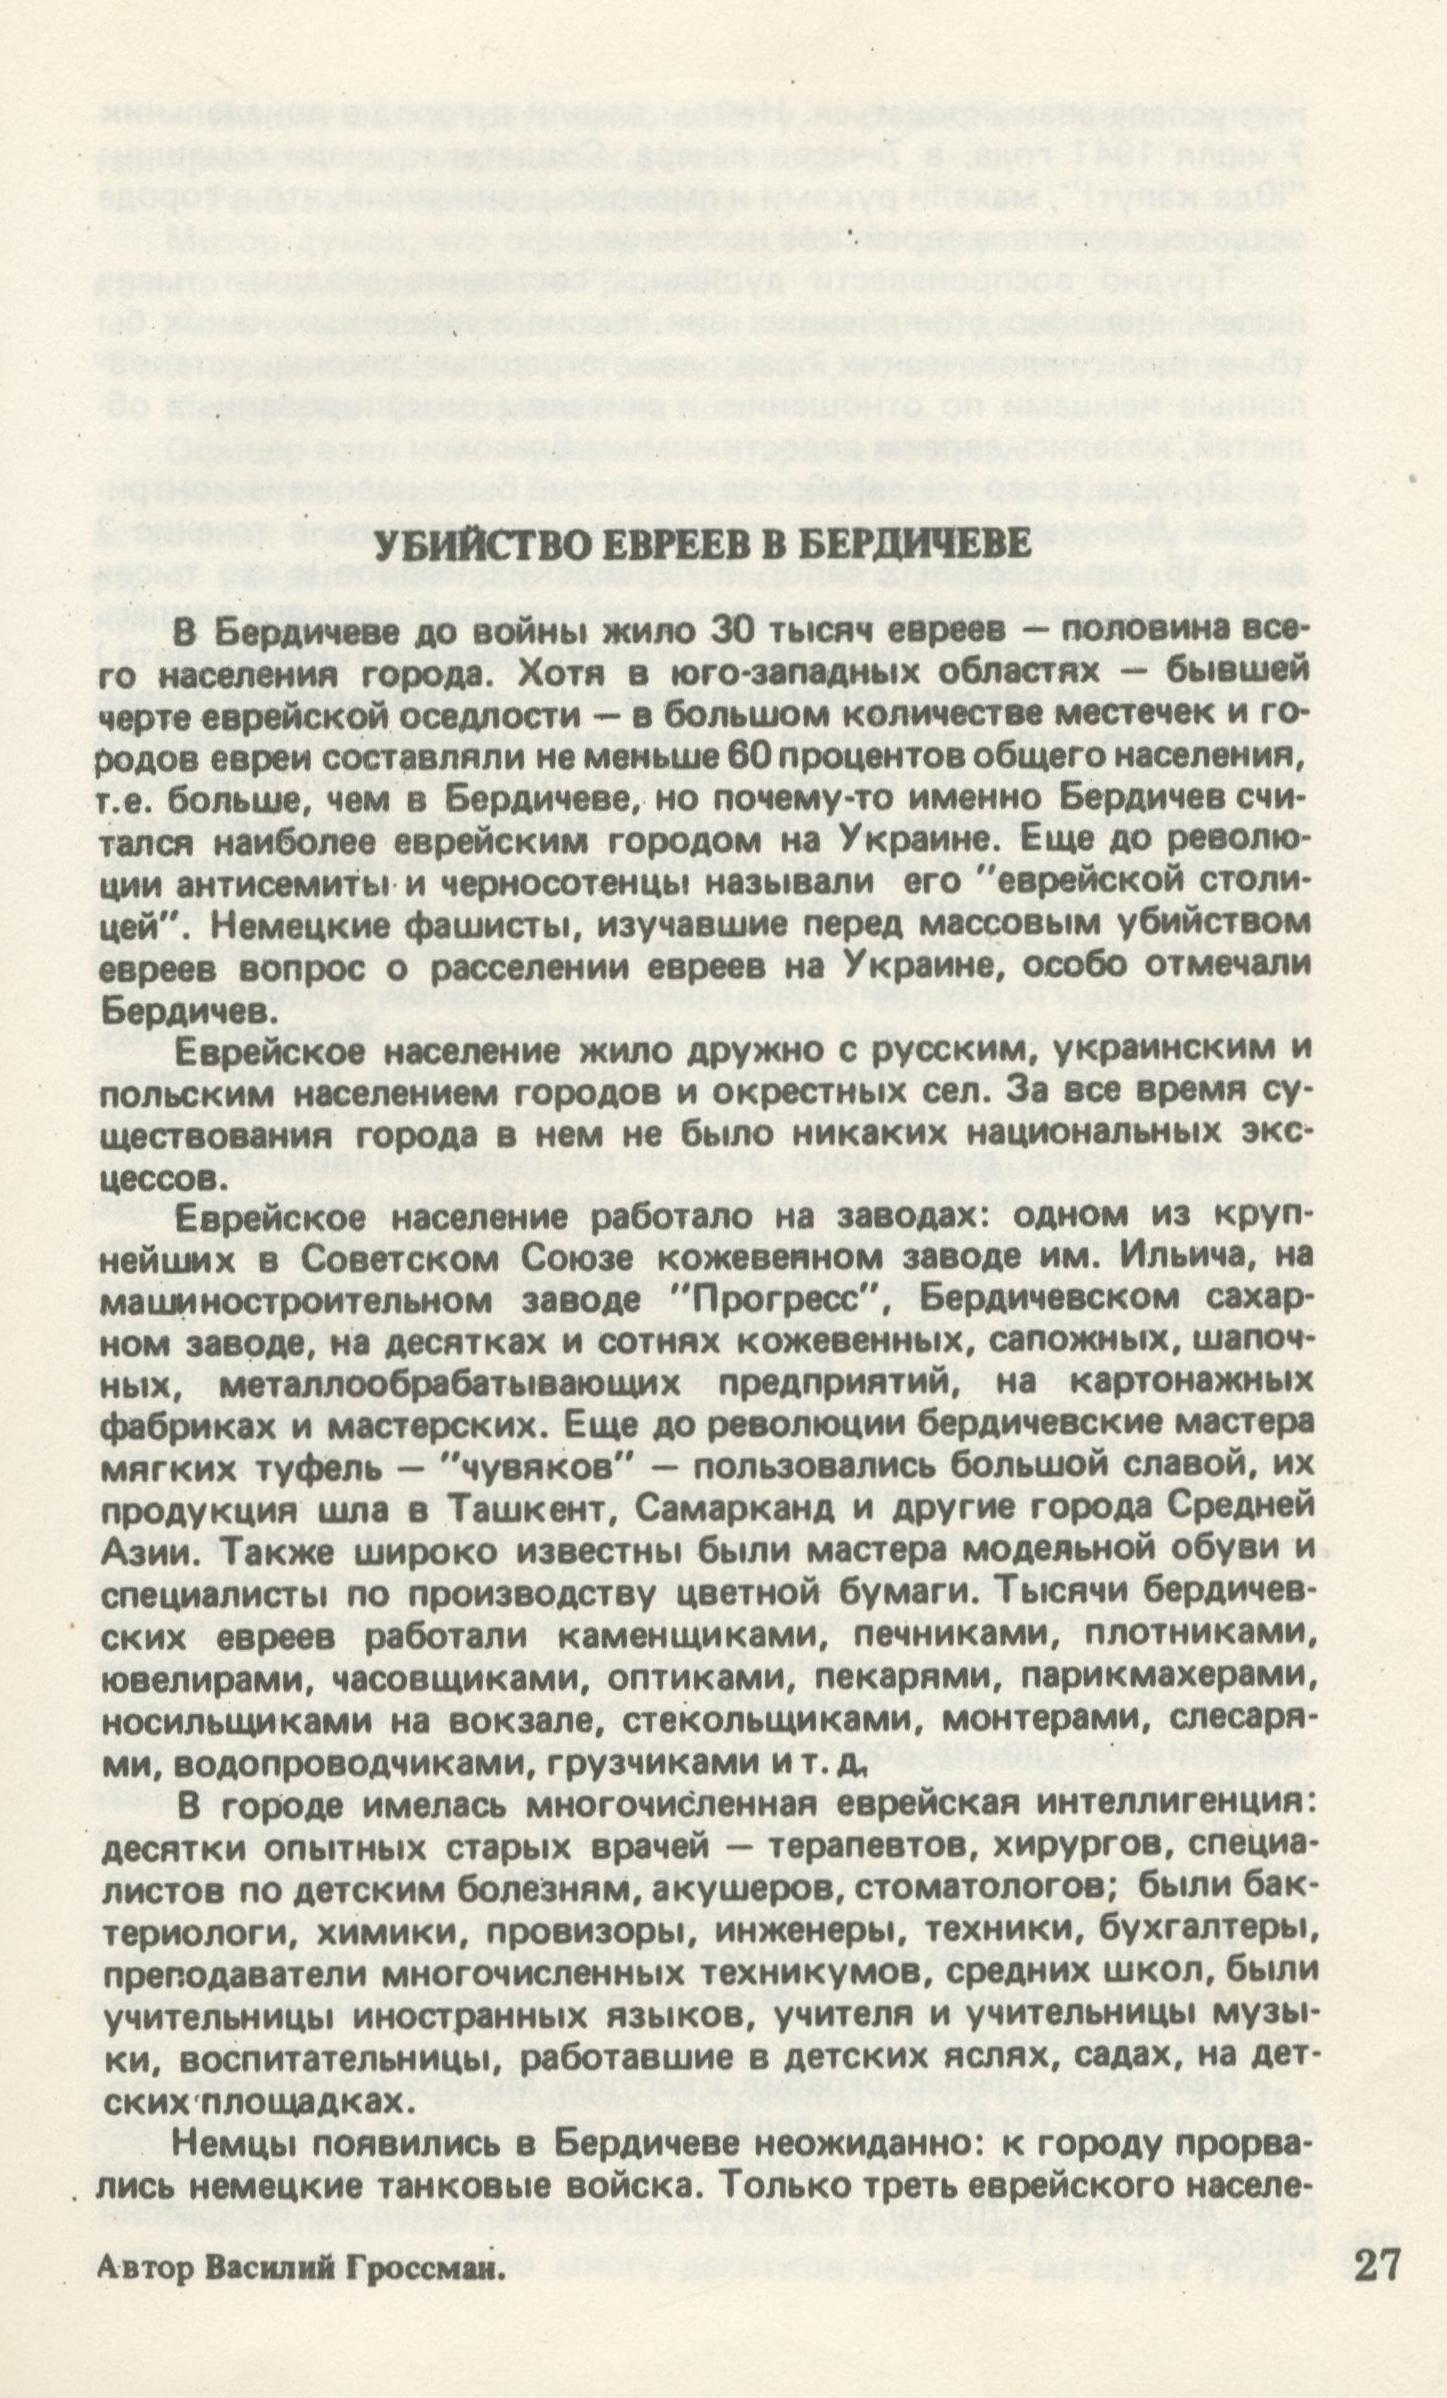 Василий Гроссман «Убийство еврее в Бердичеве»: очерк из «Черной книги»